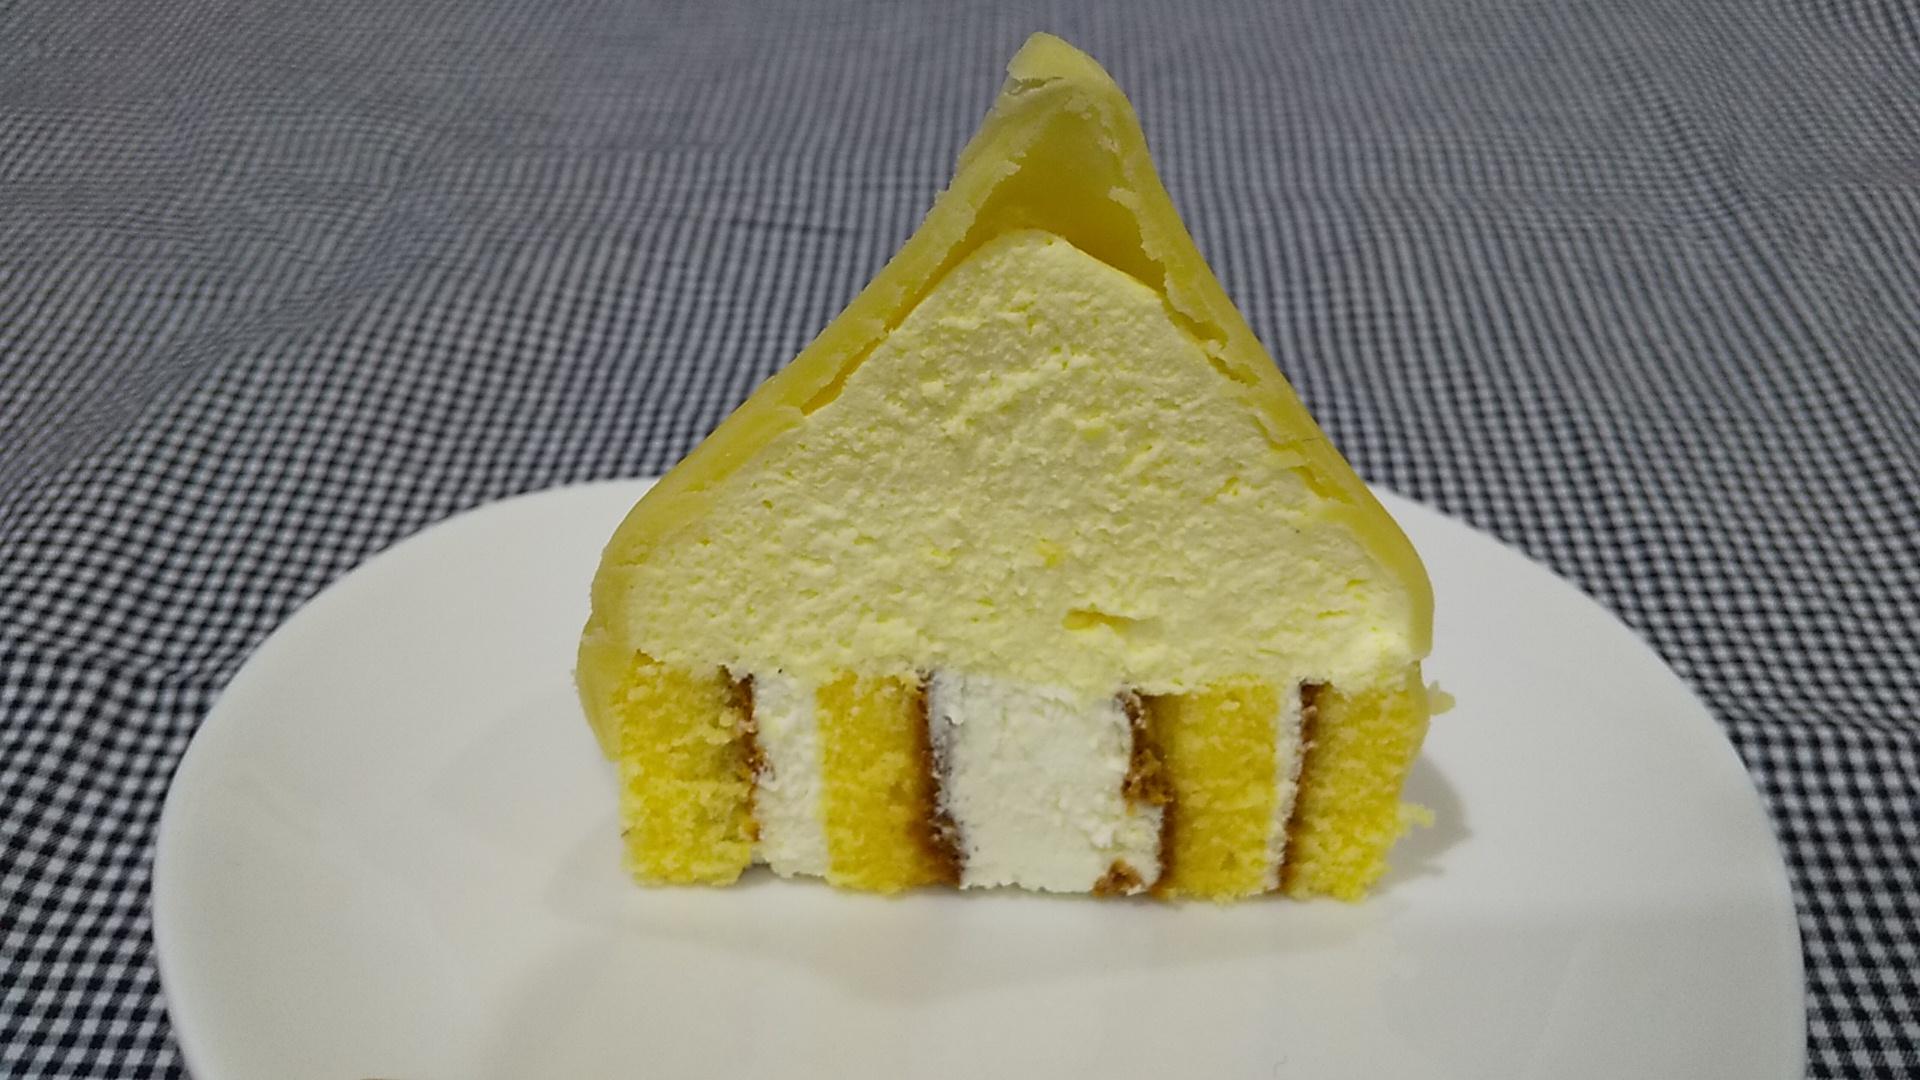 グランドルチェケーキ感想